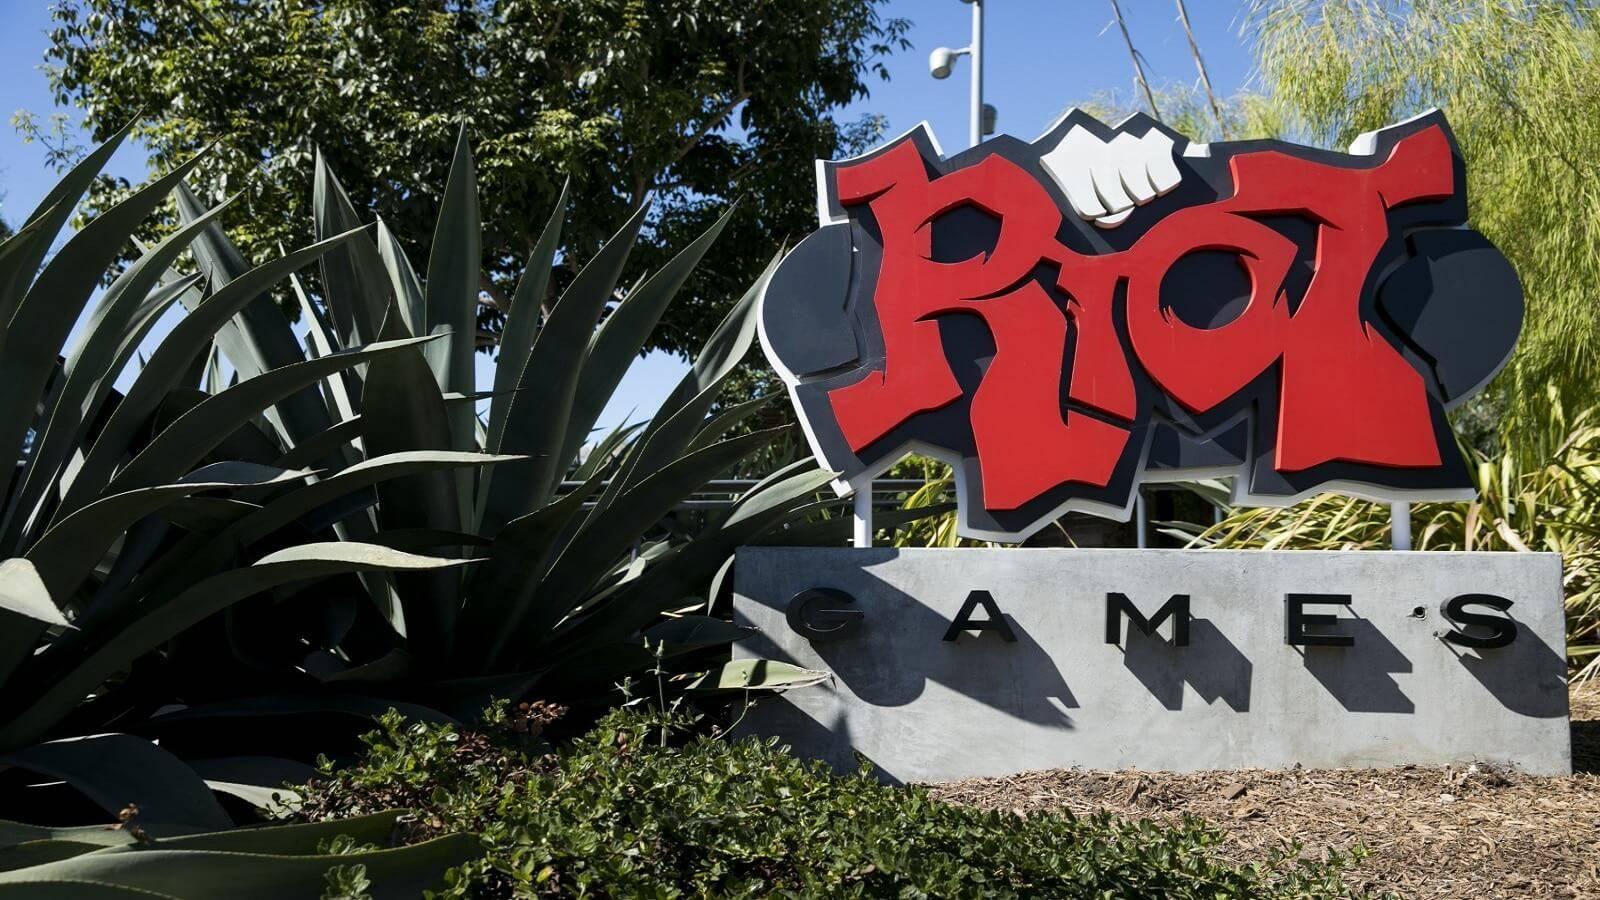 riot games dava edildi